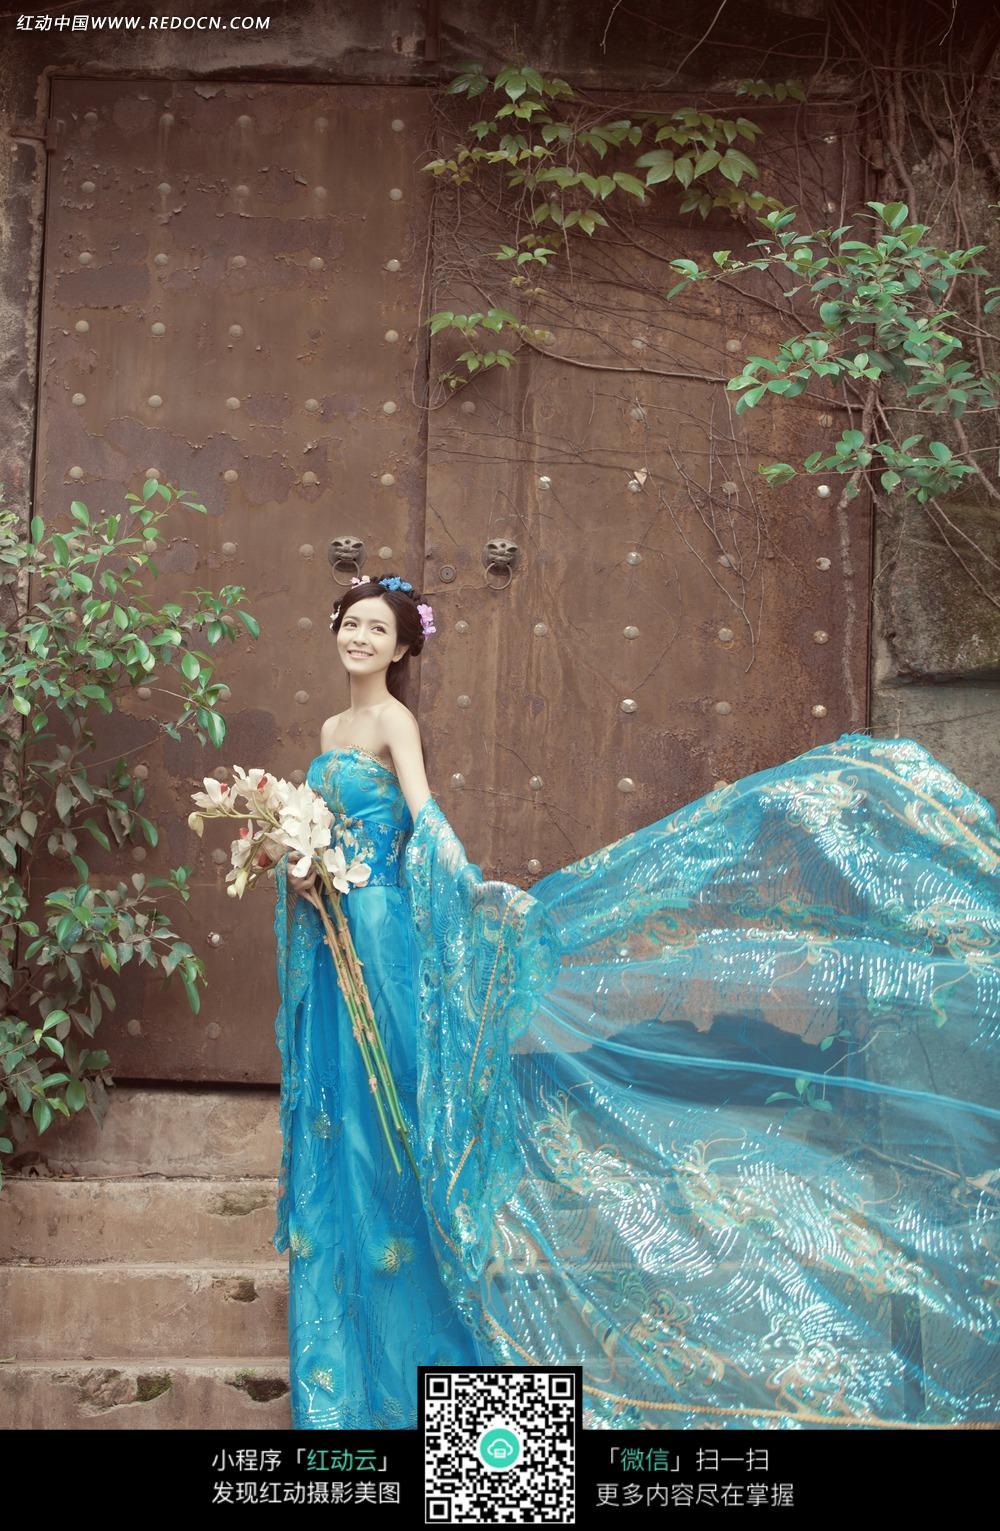 蓝裙古装美女婚纱摄影